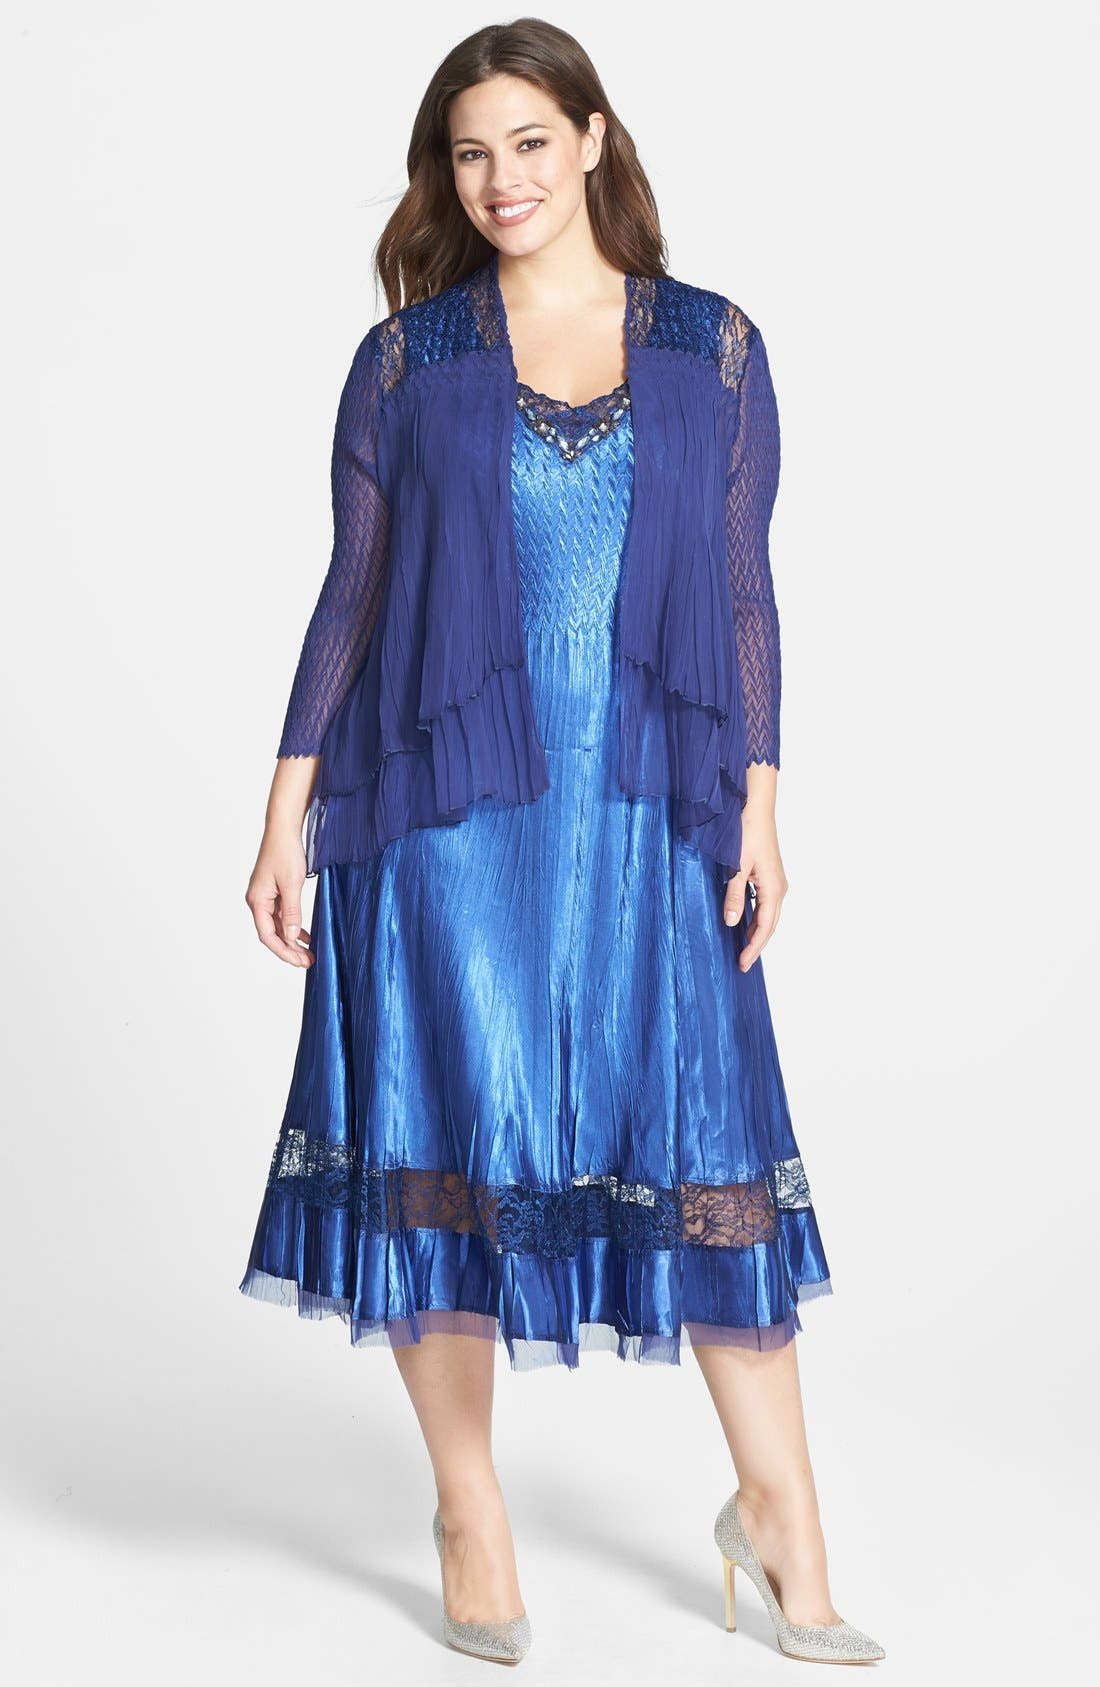 Alternate Image 1 Selected - Komarov Charmeuse Dress & Chiffon Jacket (Plus Size)